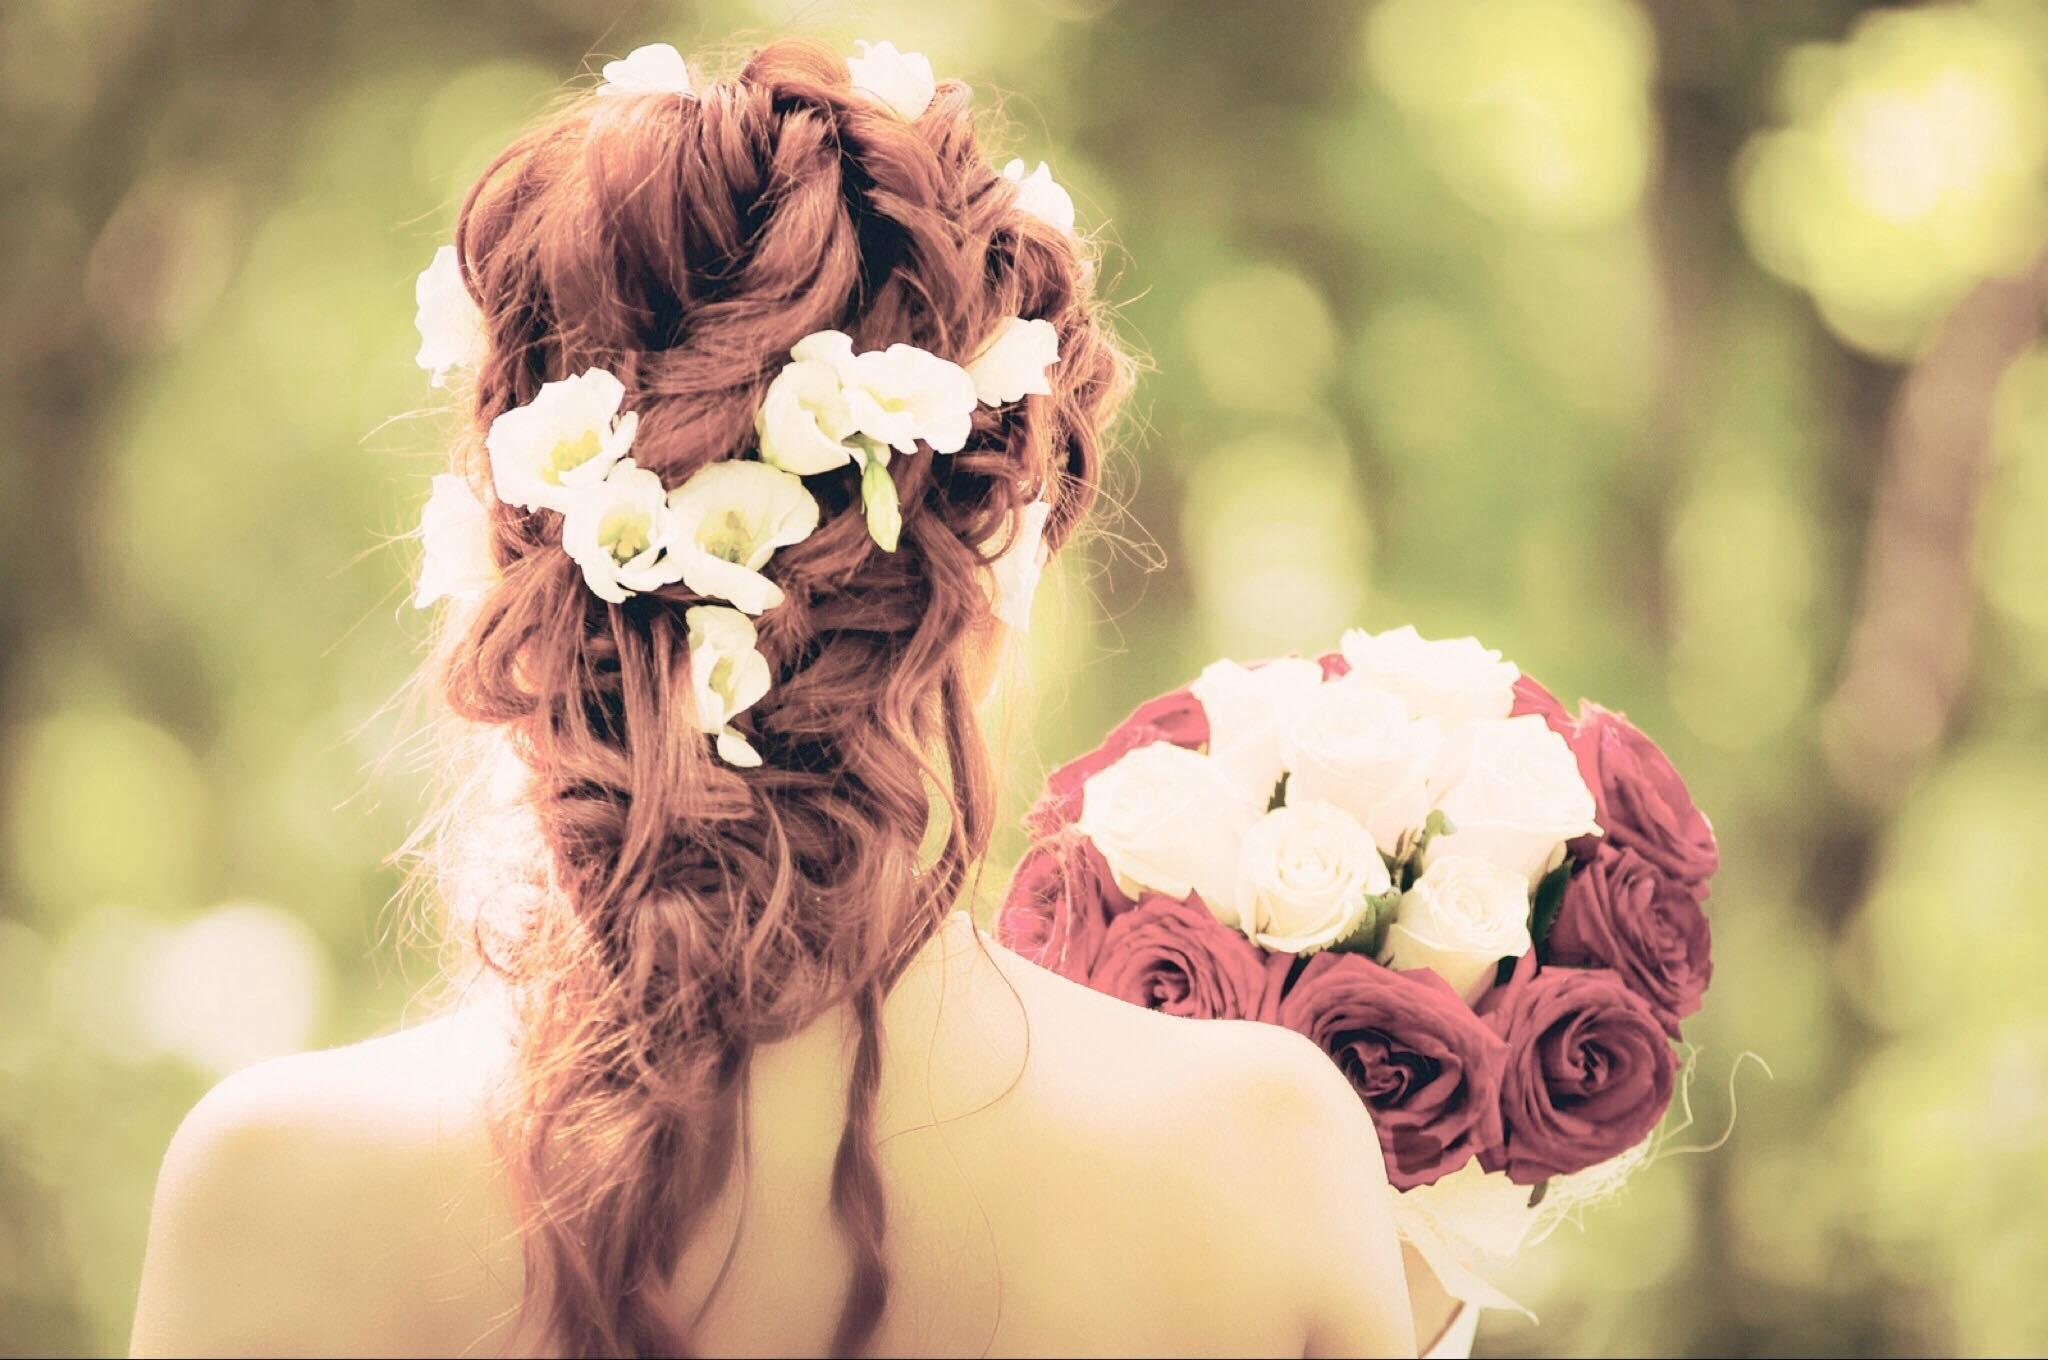 52d20652a547 Abito sposo  originalità è la parola d ordine! In generale puntate su  qualcosa di non convenzionale  papillon